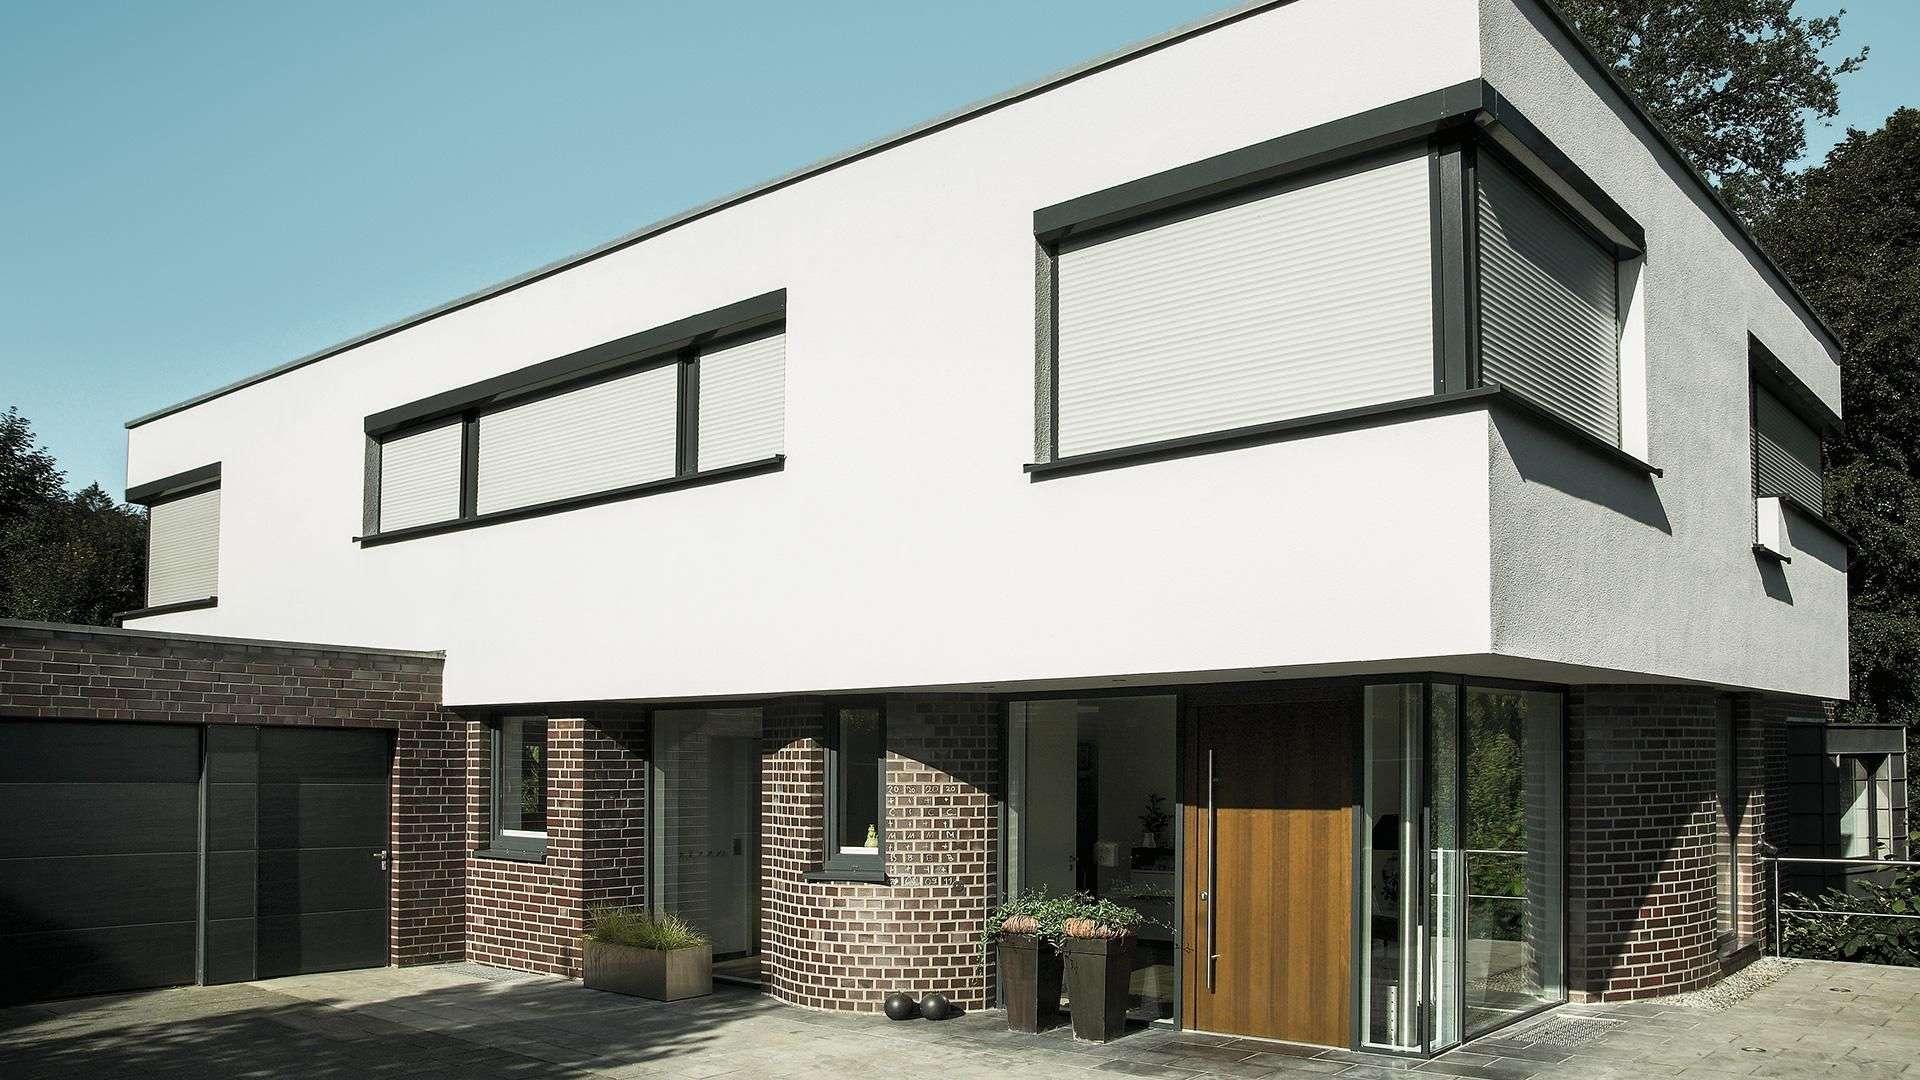 weißes Wohnhaus mit großen Fenstern mit runtergelassenen Rollläden